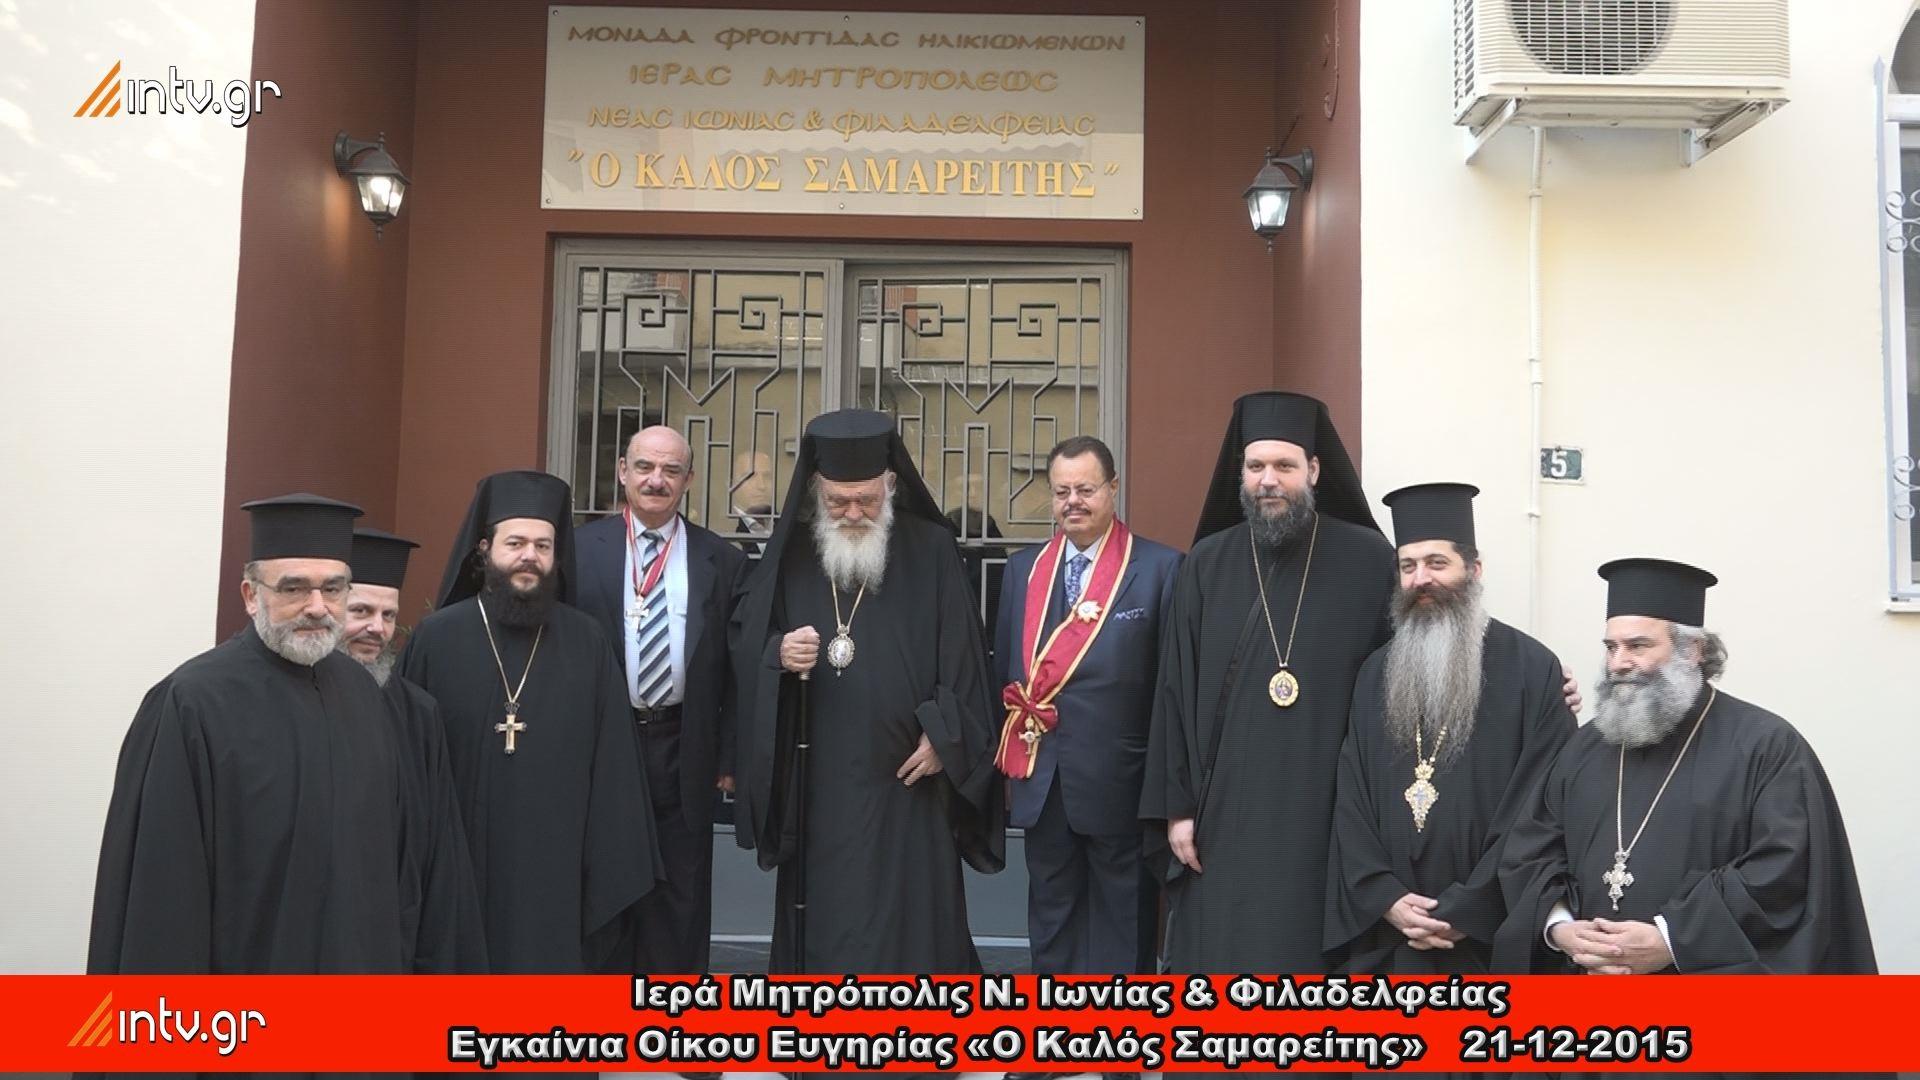 Ιερά Μητρόπολις Ν. Ιωνίας & Φιλαδελφείας - Εγκαίνια Οίκου Ευγηρίας «Ο Καλός Σαμαρείτης».